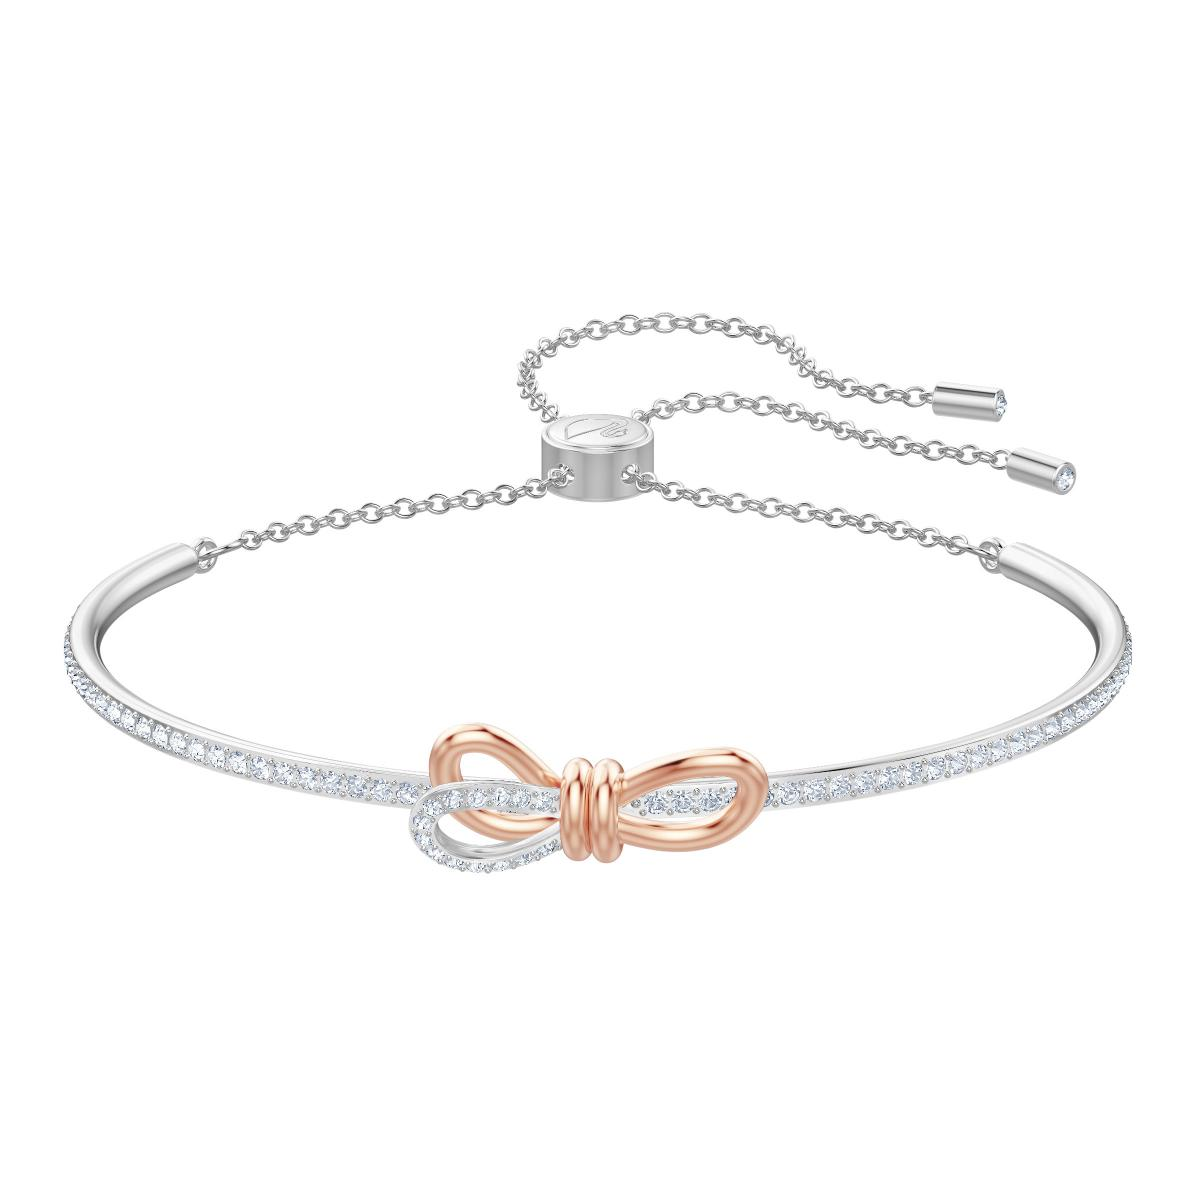 Bracelet Swarovski 5447079 , Bracelet Argenté Nœud Papillon